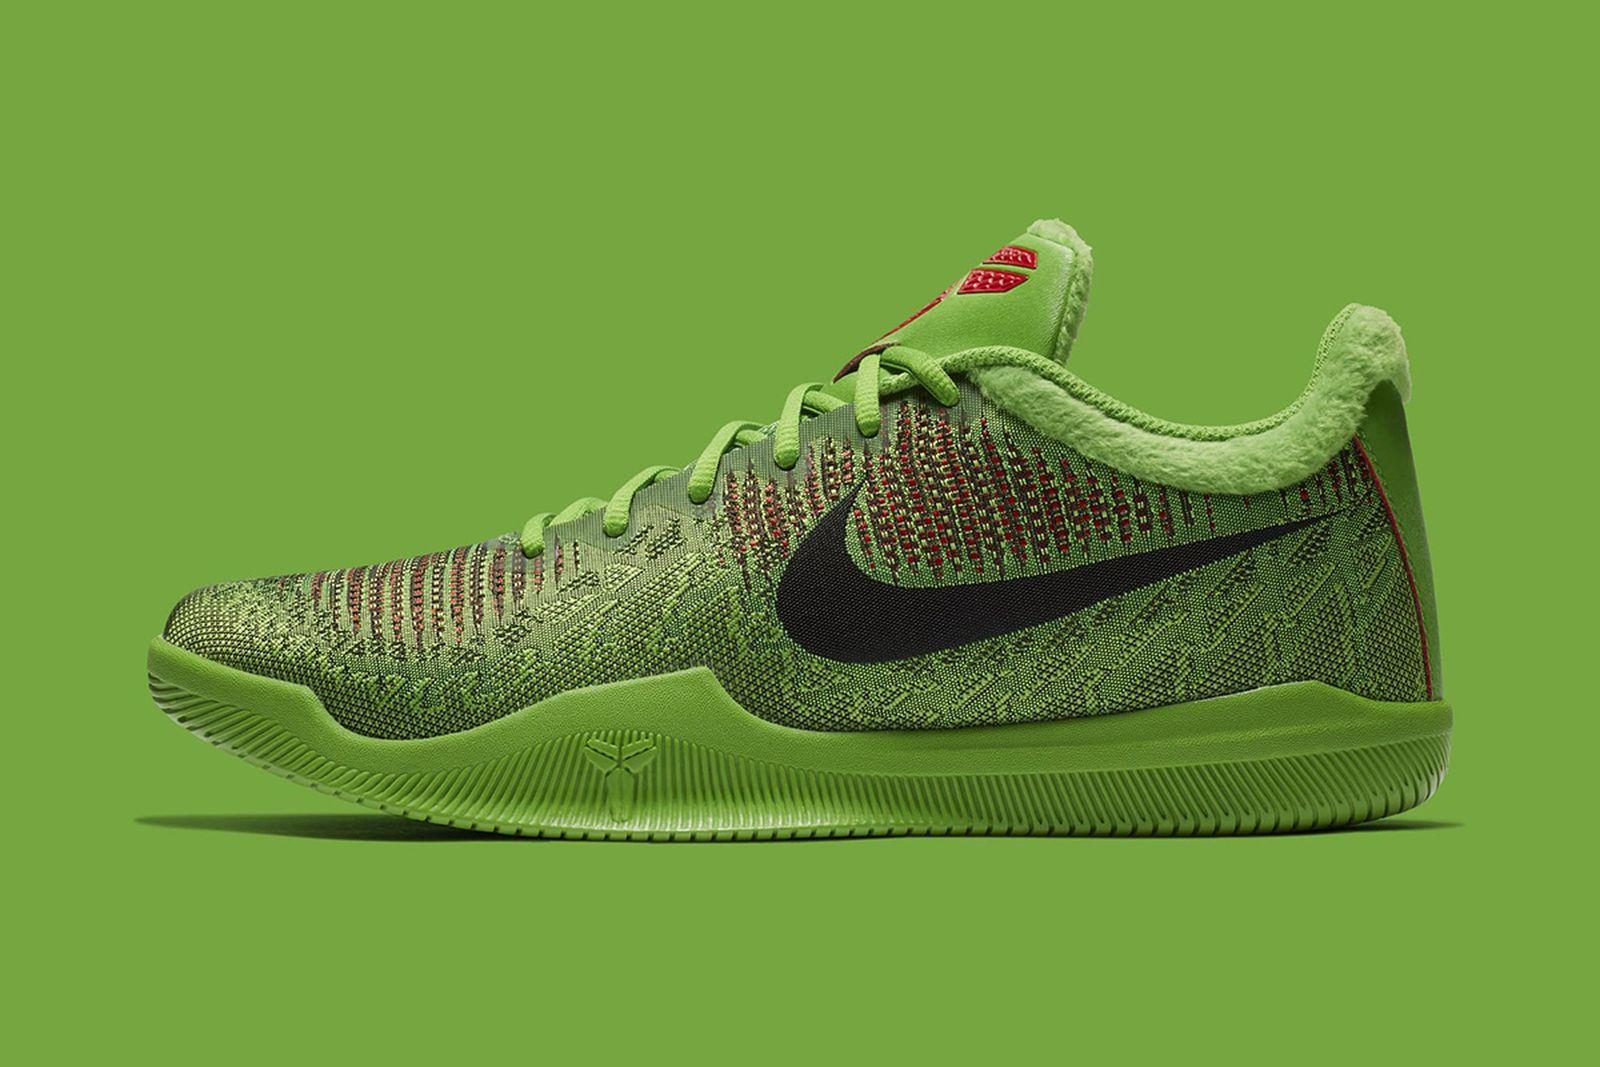 Nike Mamba Rage